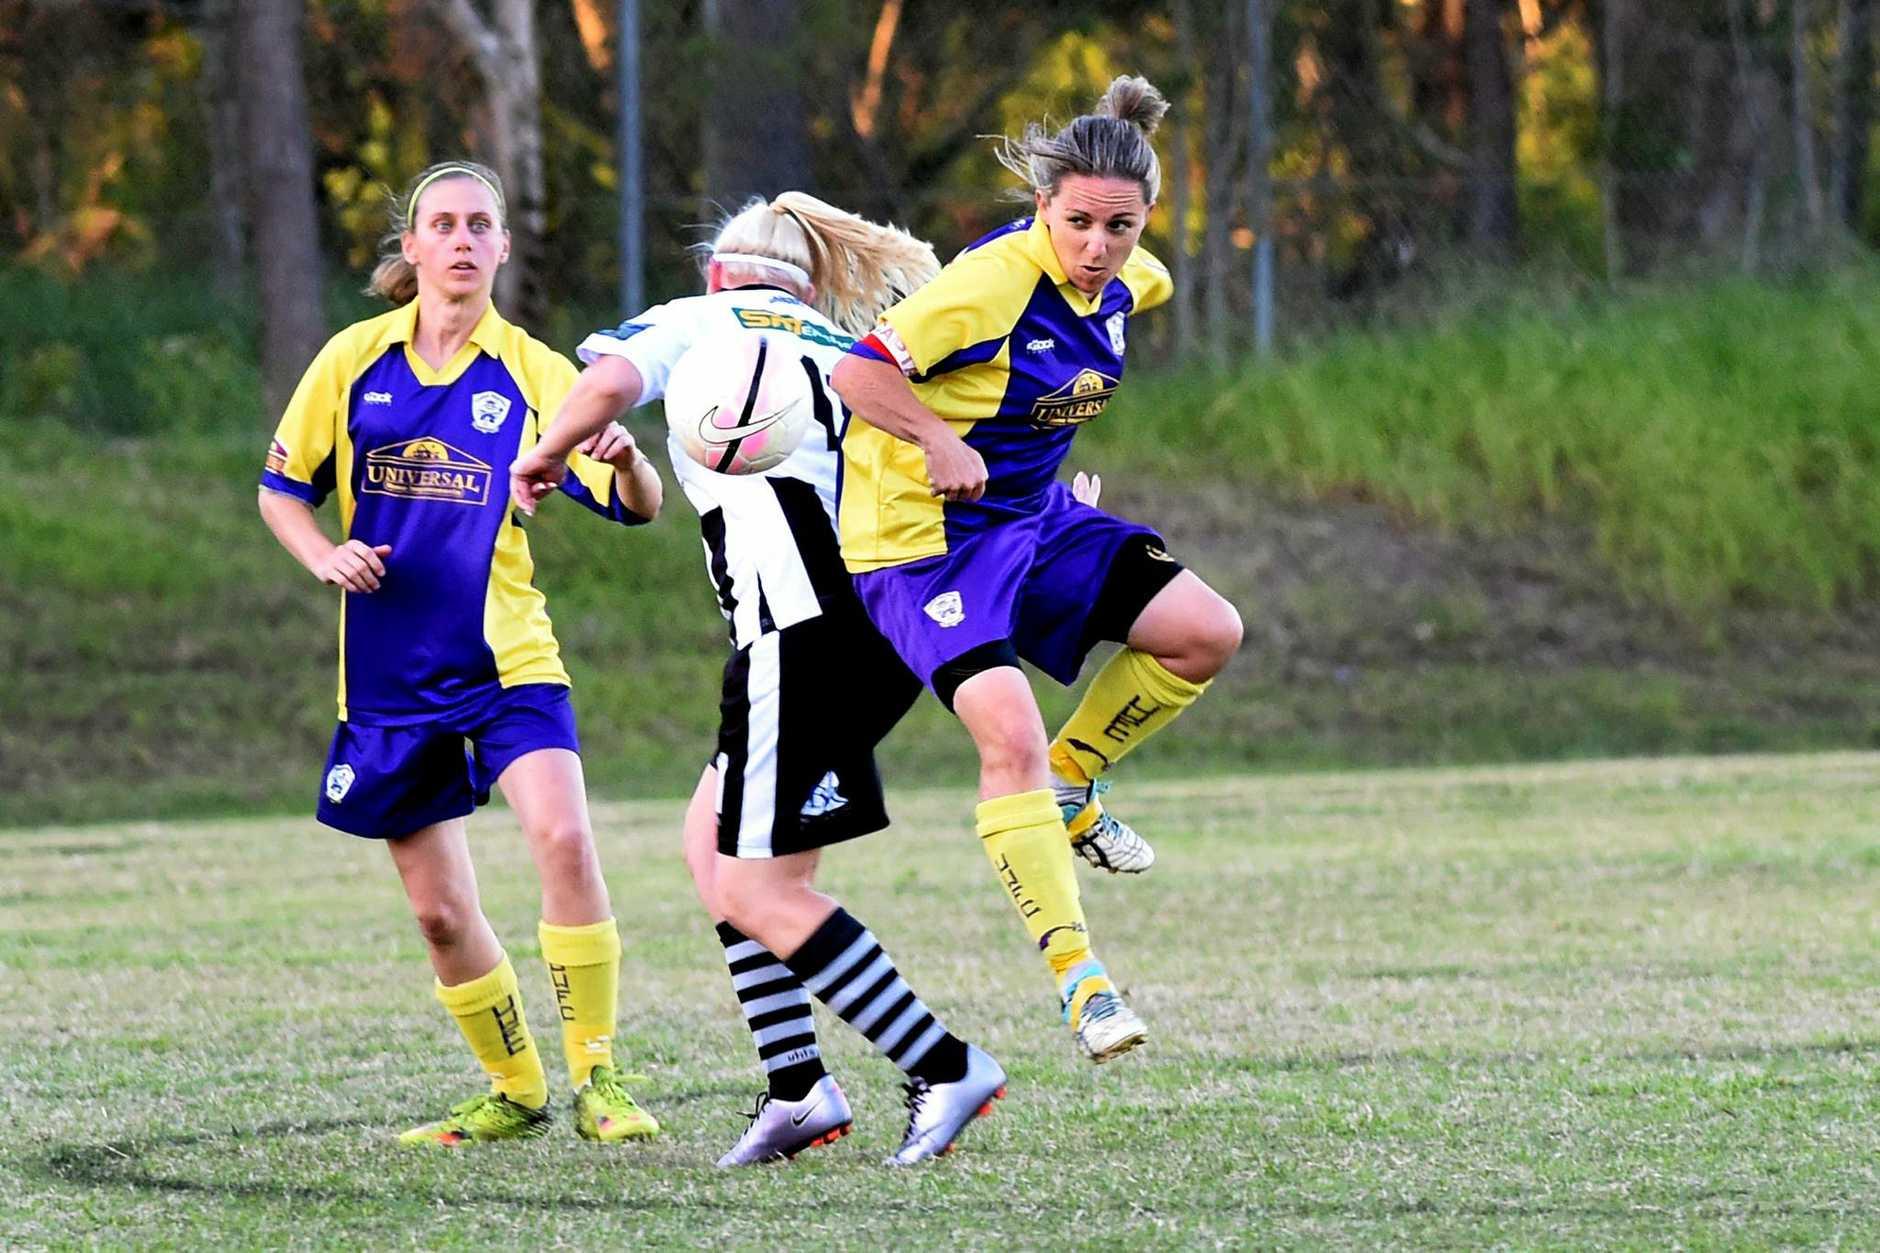 Football Wide Bay Ladies League, Hervey Bay - United Warriors versus Bingera -